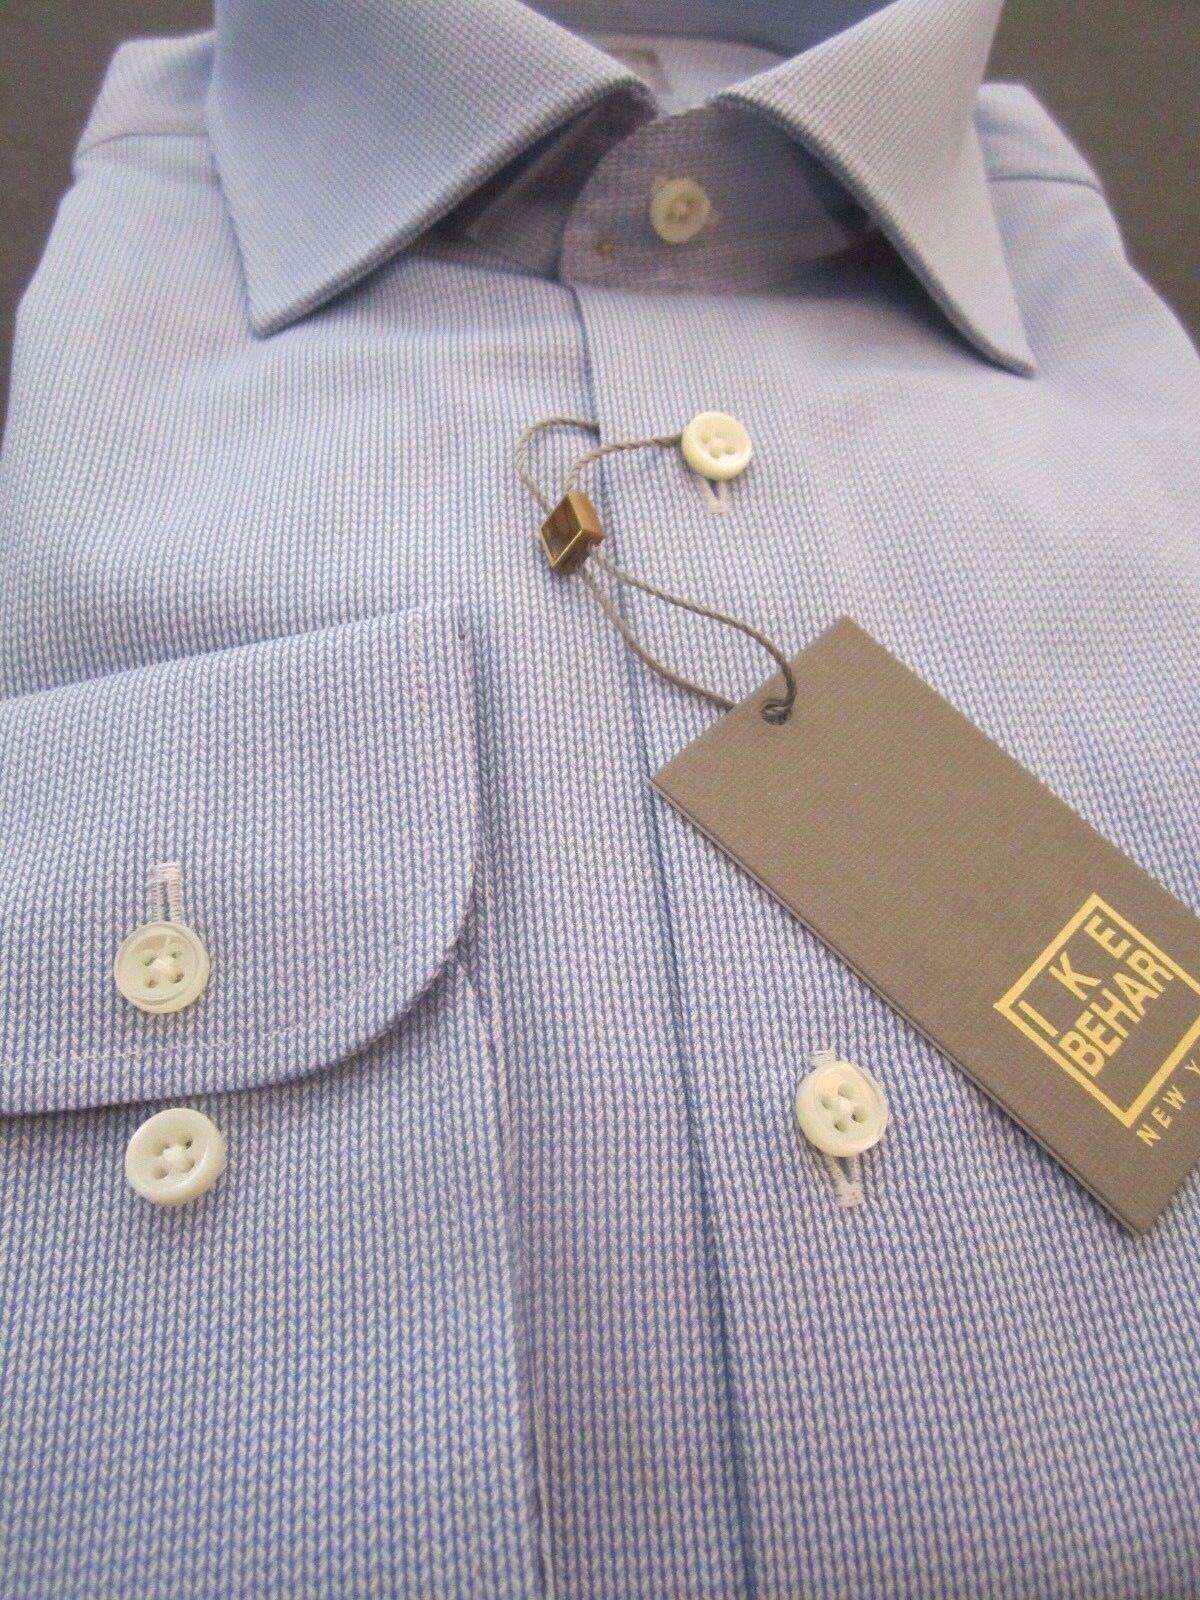 NWT Ike Behar New York Men Haze bluee Dress Shirt 17 Long Sleeve 39